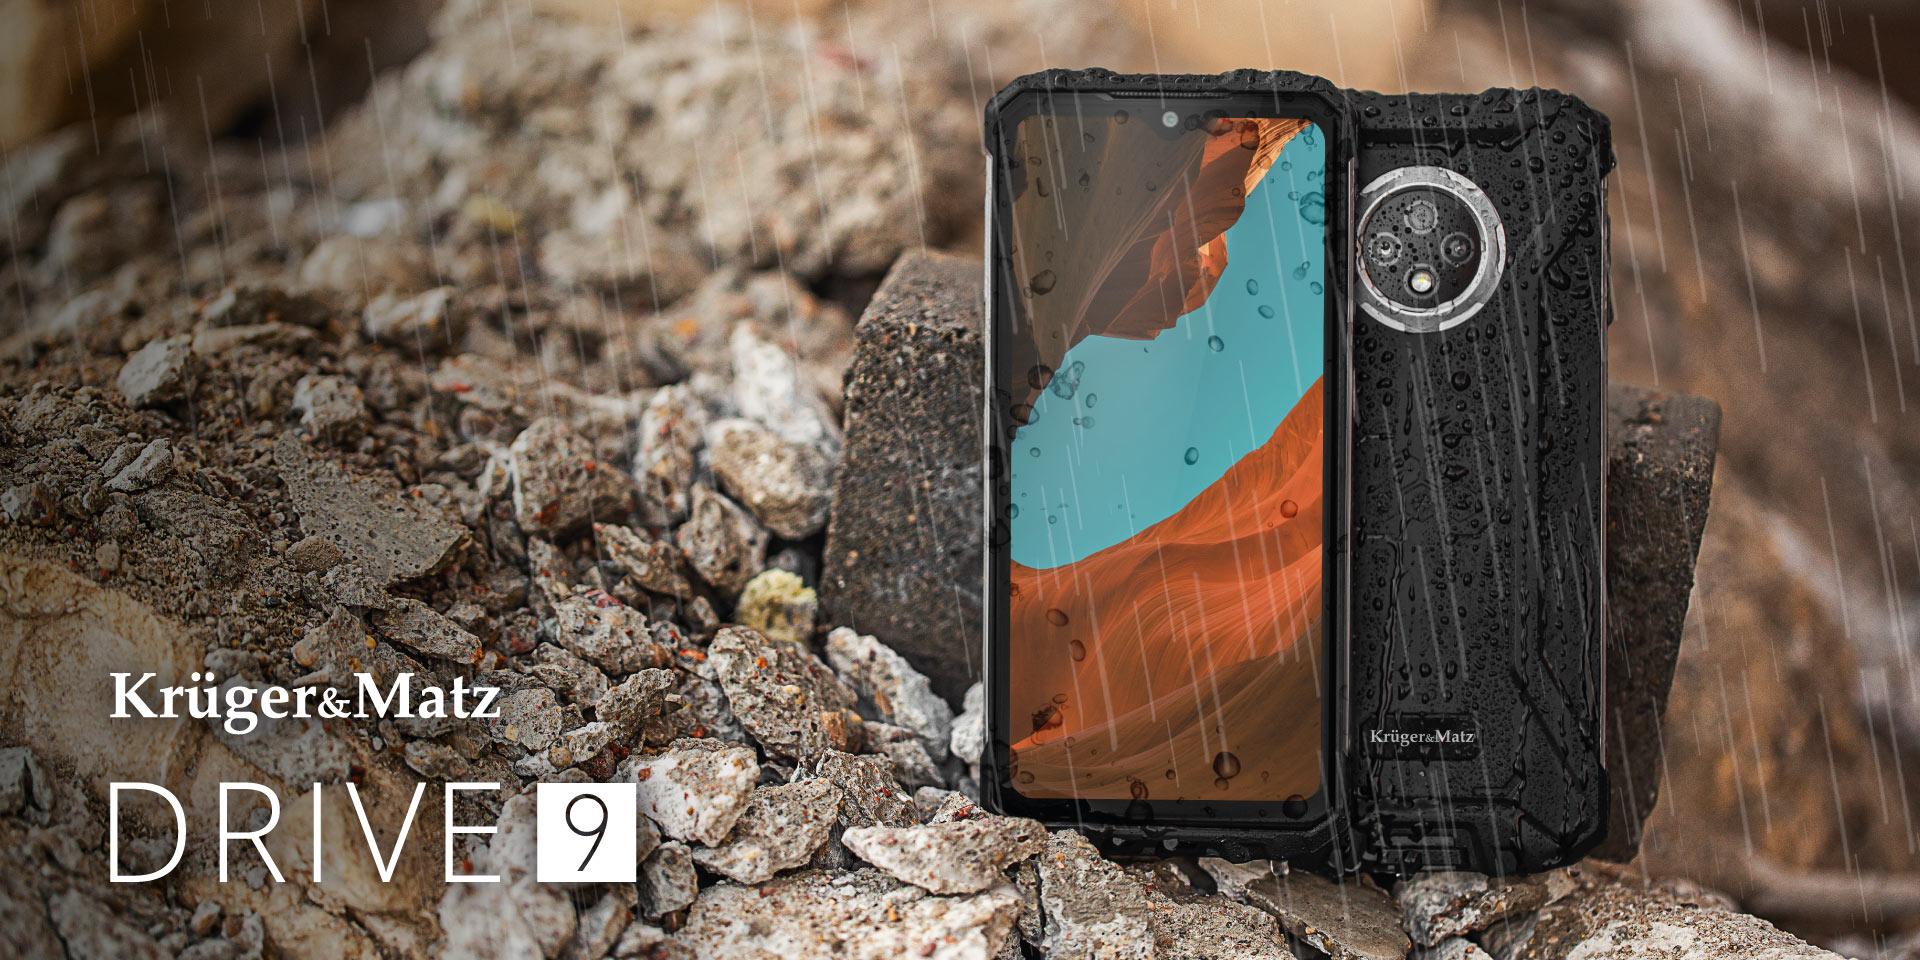 Wzmocniony smartfon Kruger&Matz DRIVE 8